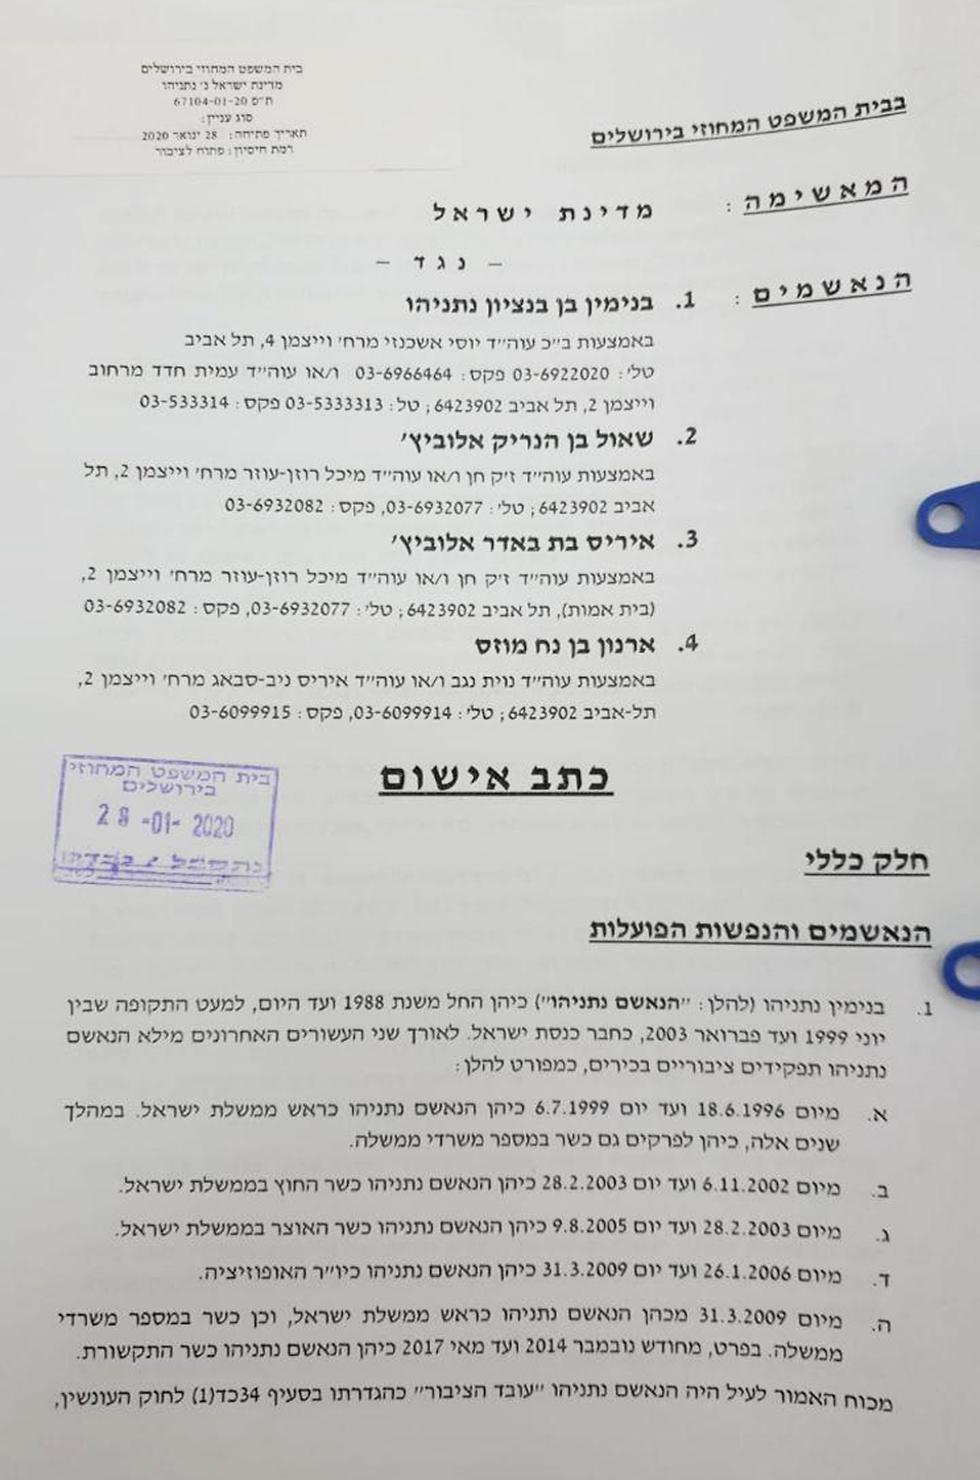 כתב אישום נגד ראש הממשלה בנימין נתניהו עם חותמת בית המשפט המחוזי ()